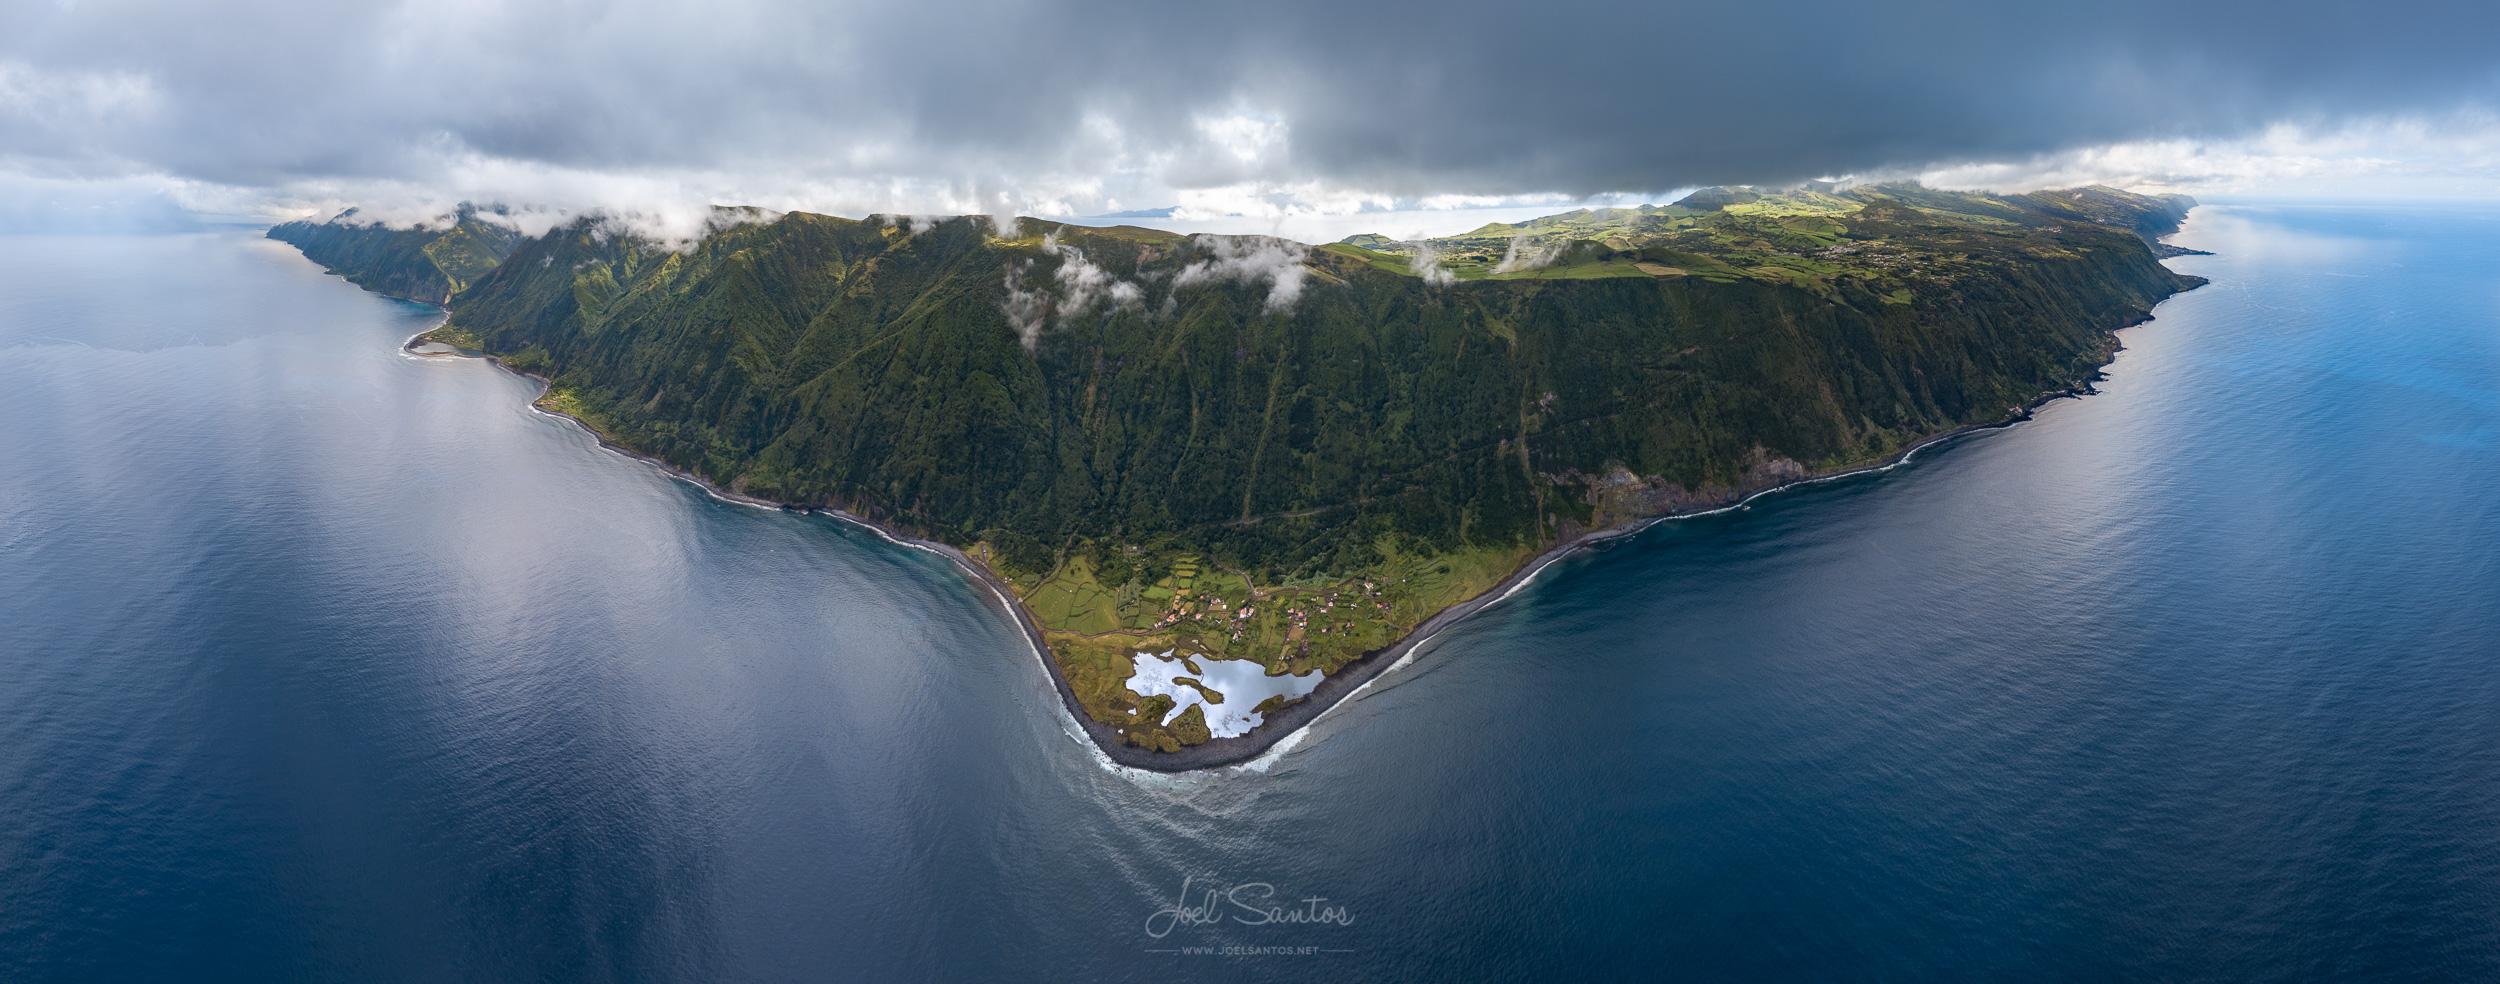 Faja dos Cubres, São Jorge Island, Azores, Portugal